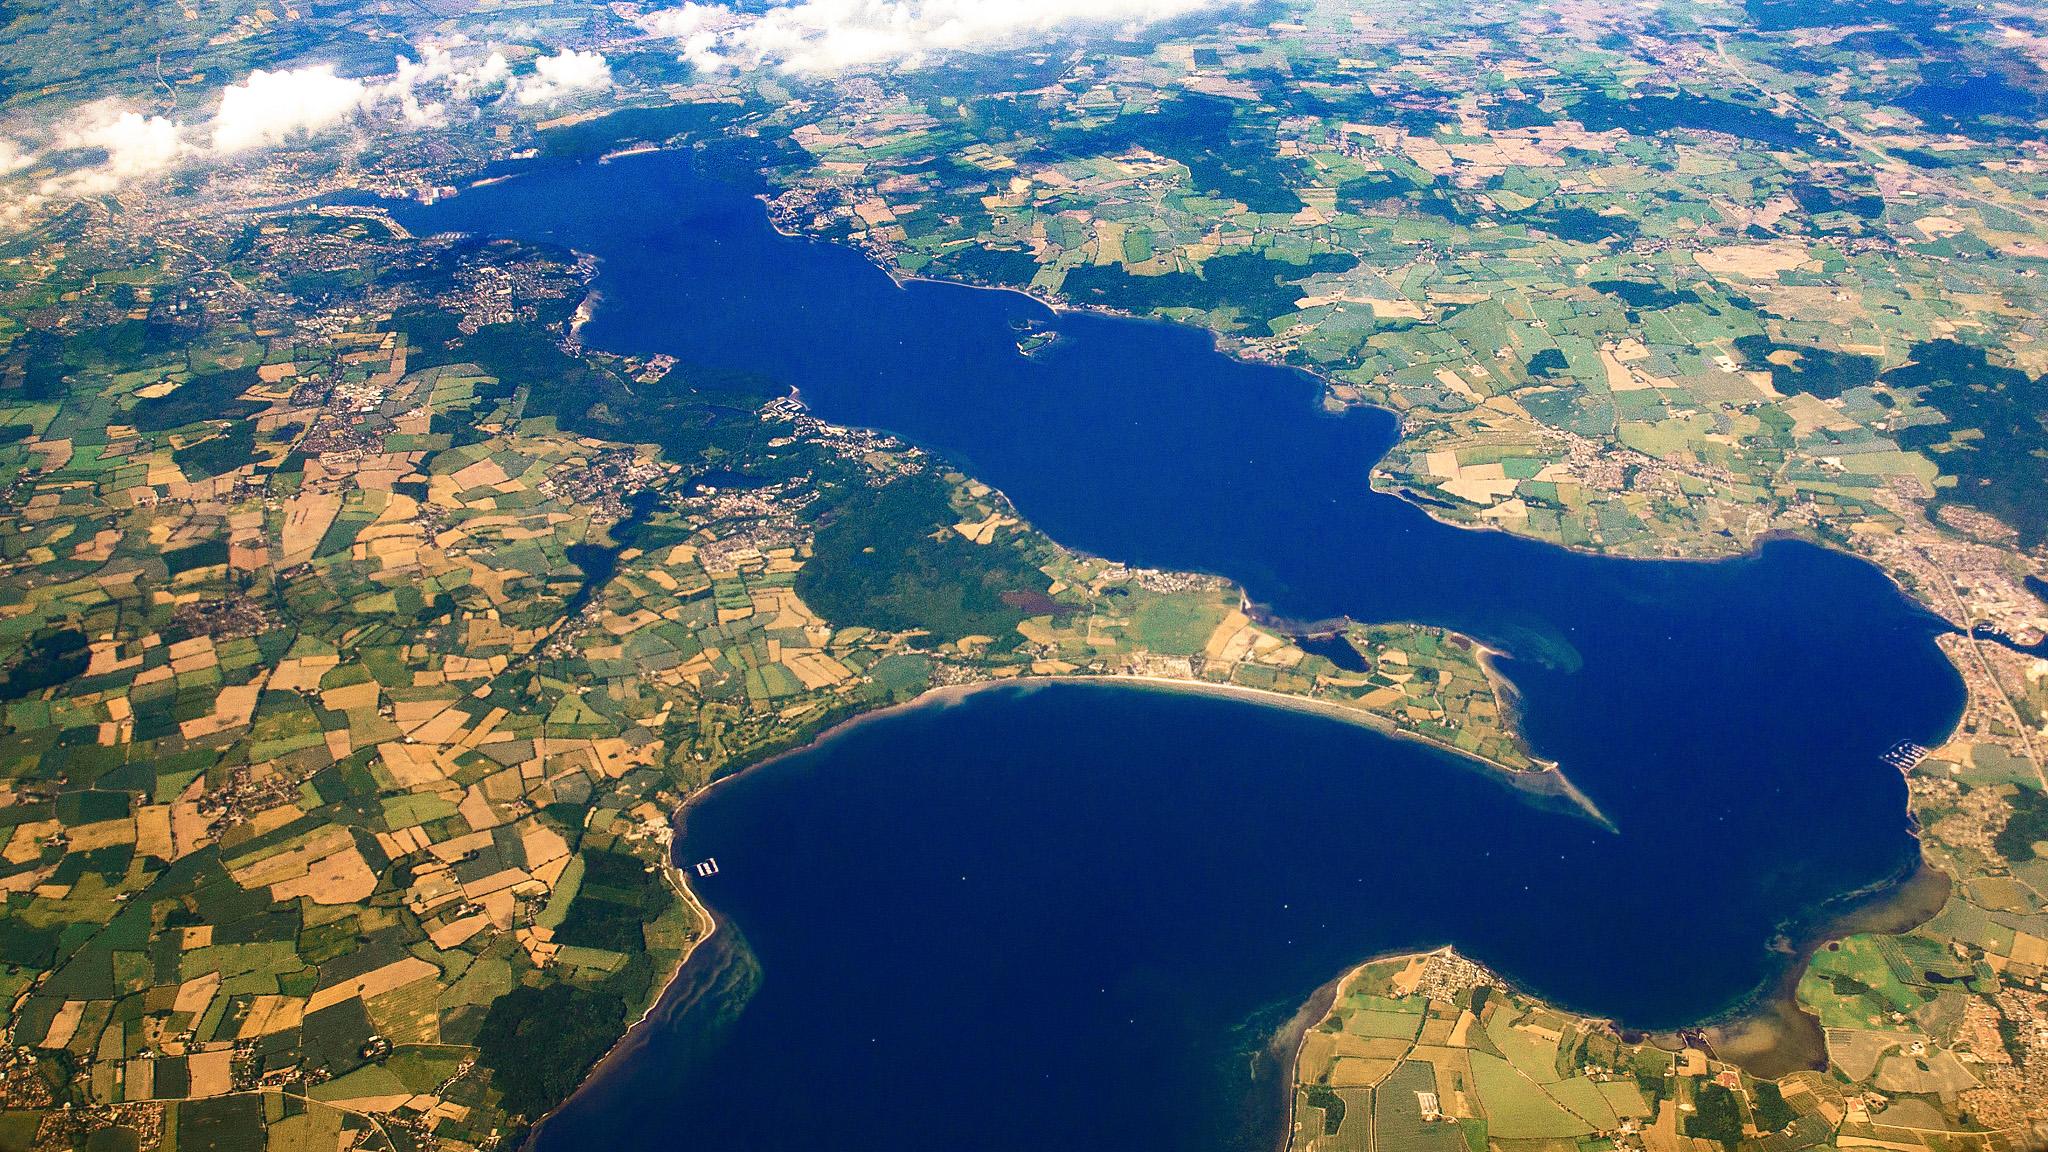 Fördejahr – Week 22: One year between Germany and Denmark